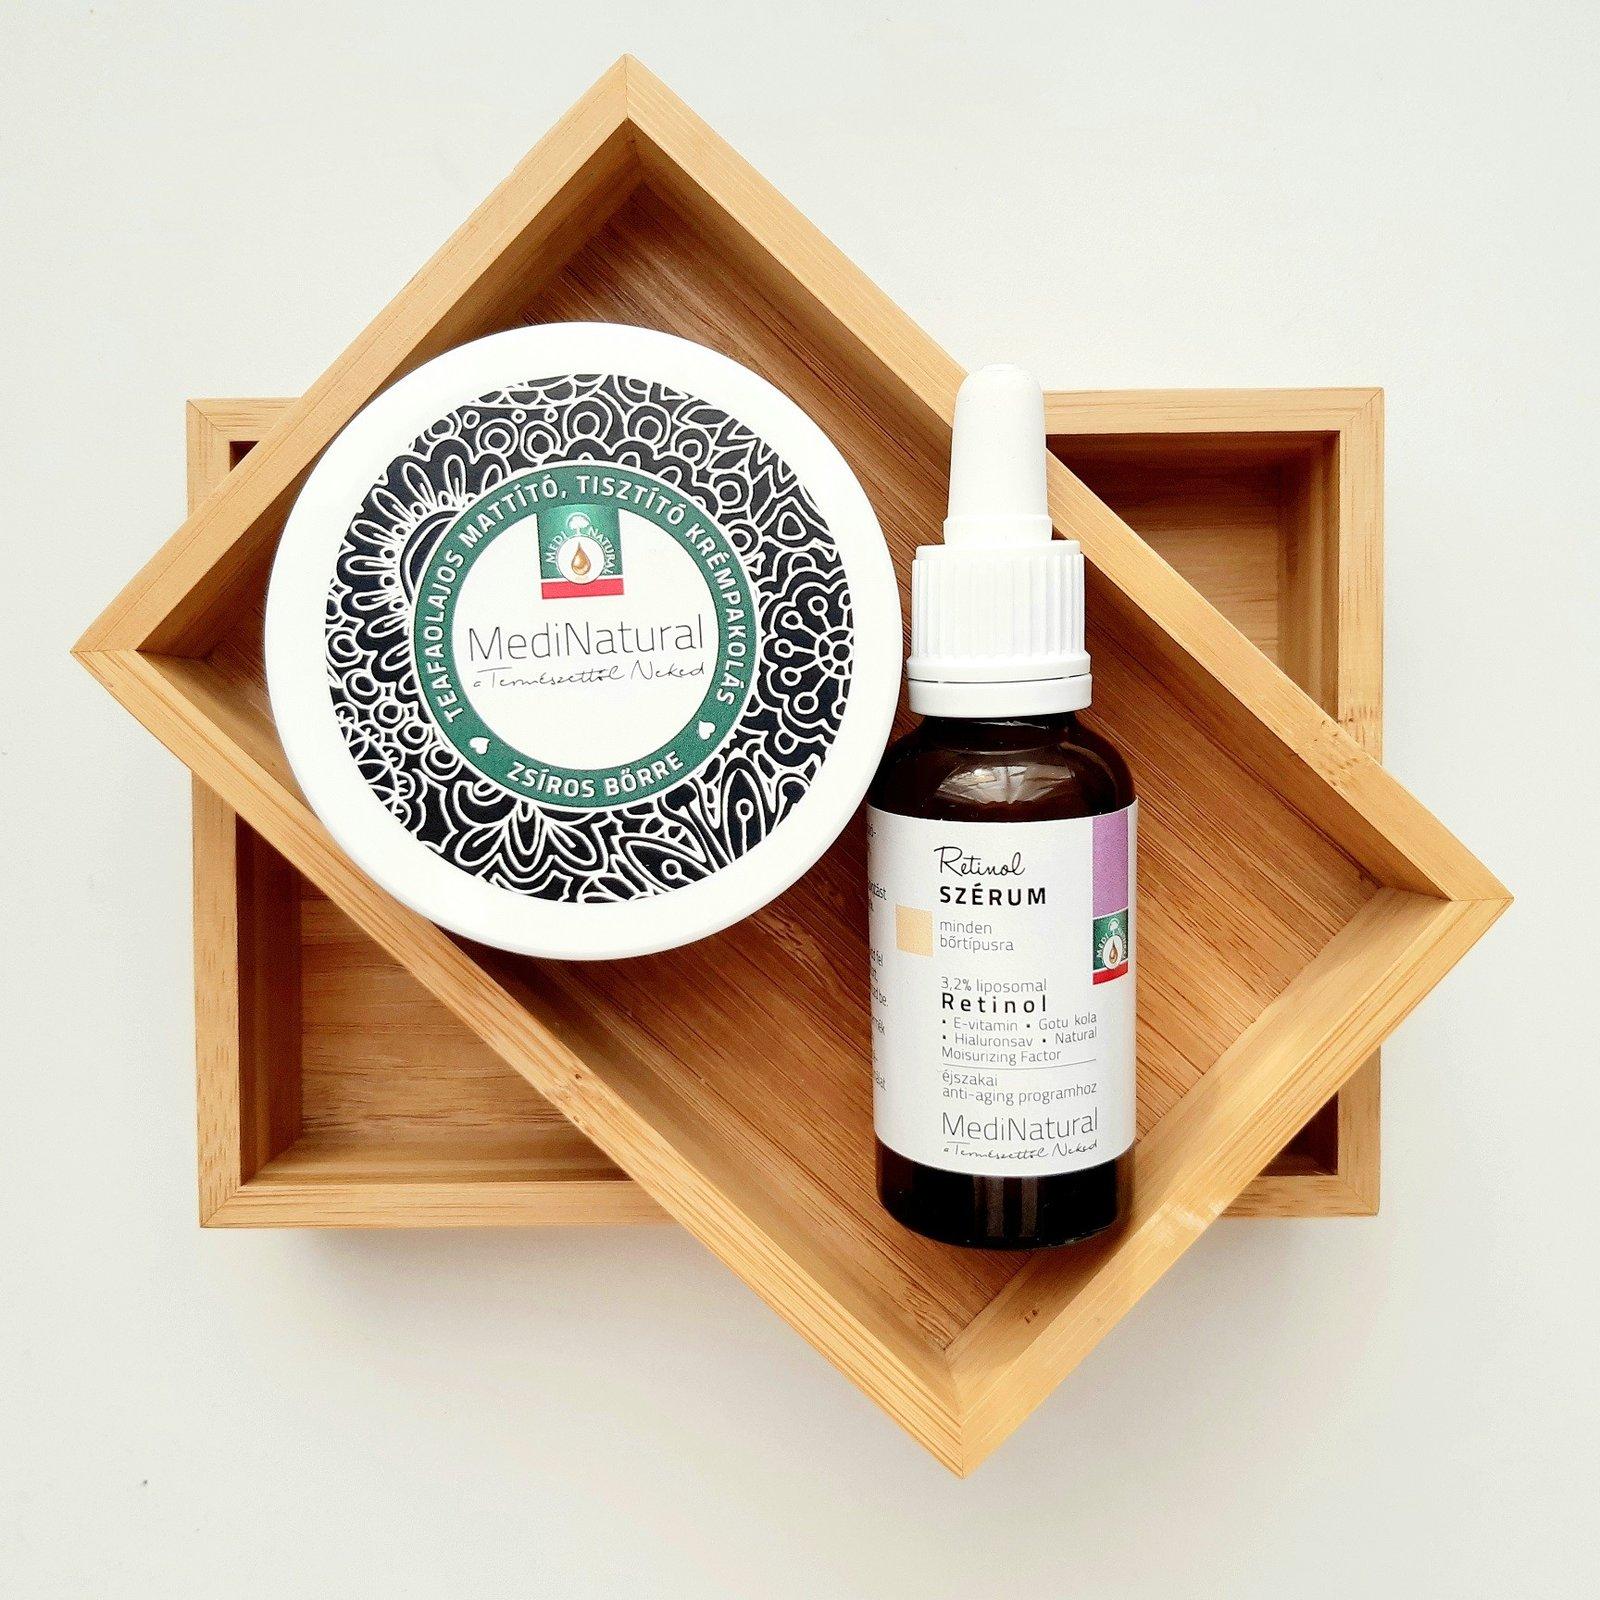 MediNatural Retinol és Tisztító krémpakolás duó kombinált, zsíros bőrre